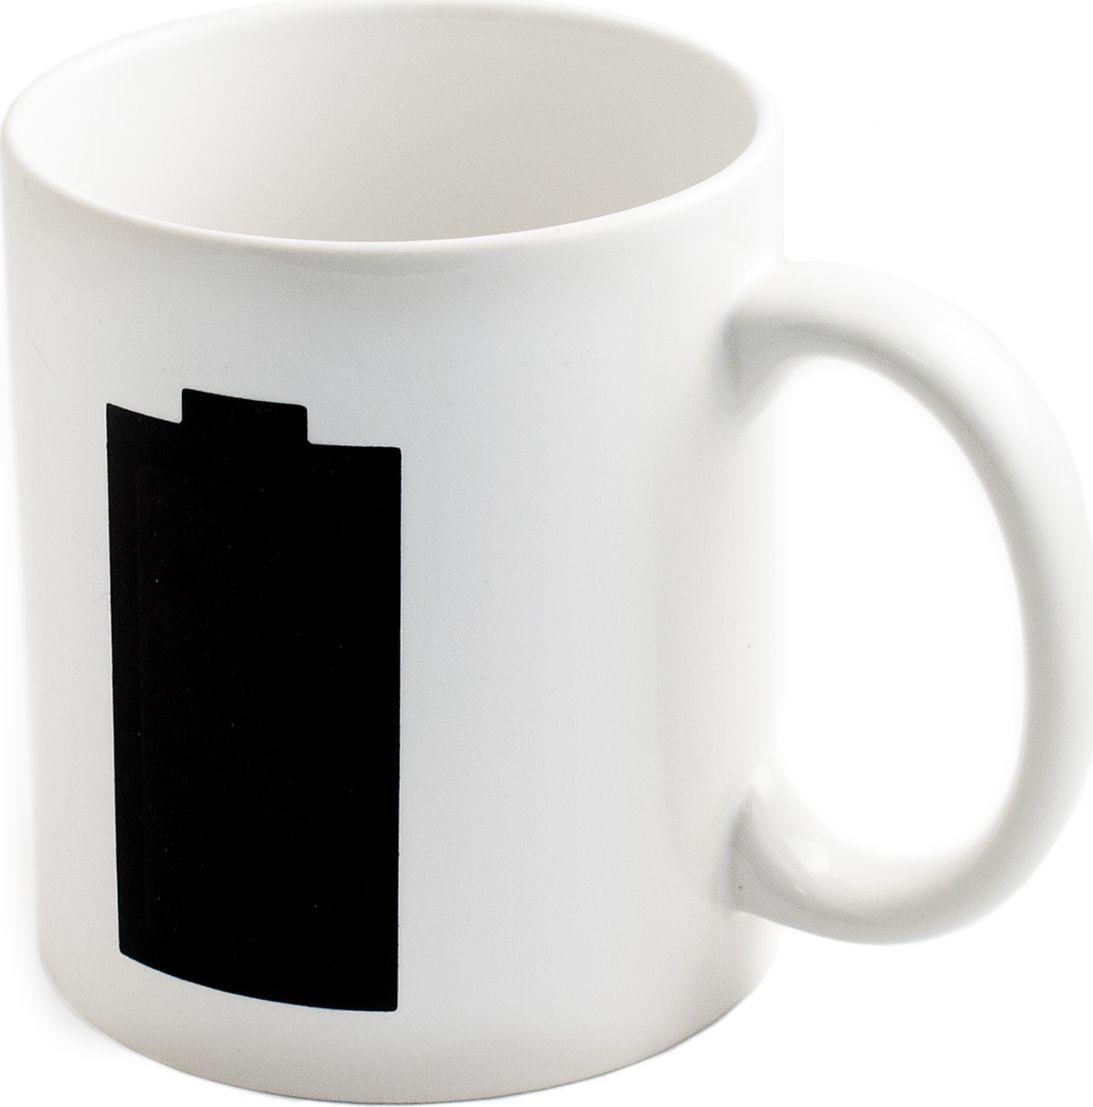 Кружка хамелеон Эврика Полная зарядка, 350 мл. 9805198051Оригинальная кружка с проявляющимся рисунком. Размеры упаковки: 12x9x10 см Размеры изделия: 12х9,5х8 cм Упаковка: красочный картон.